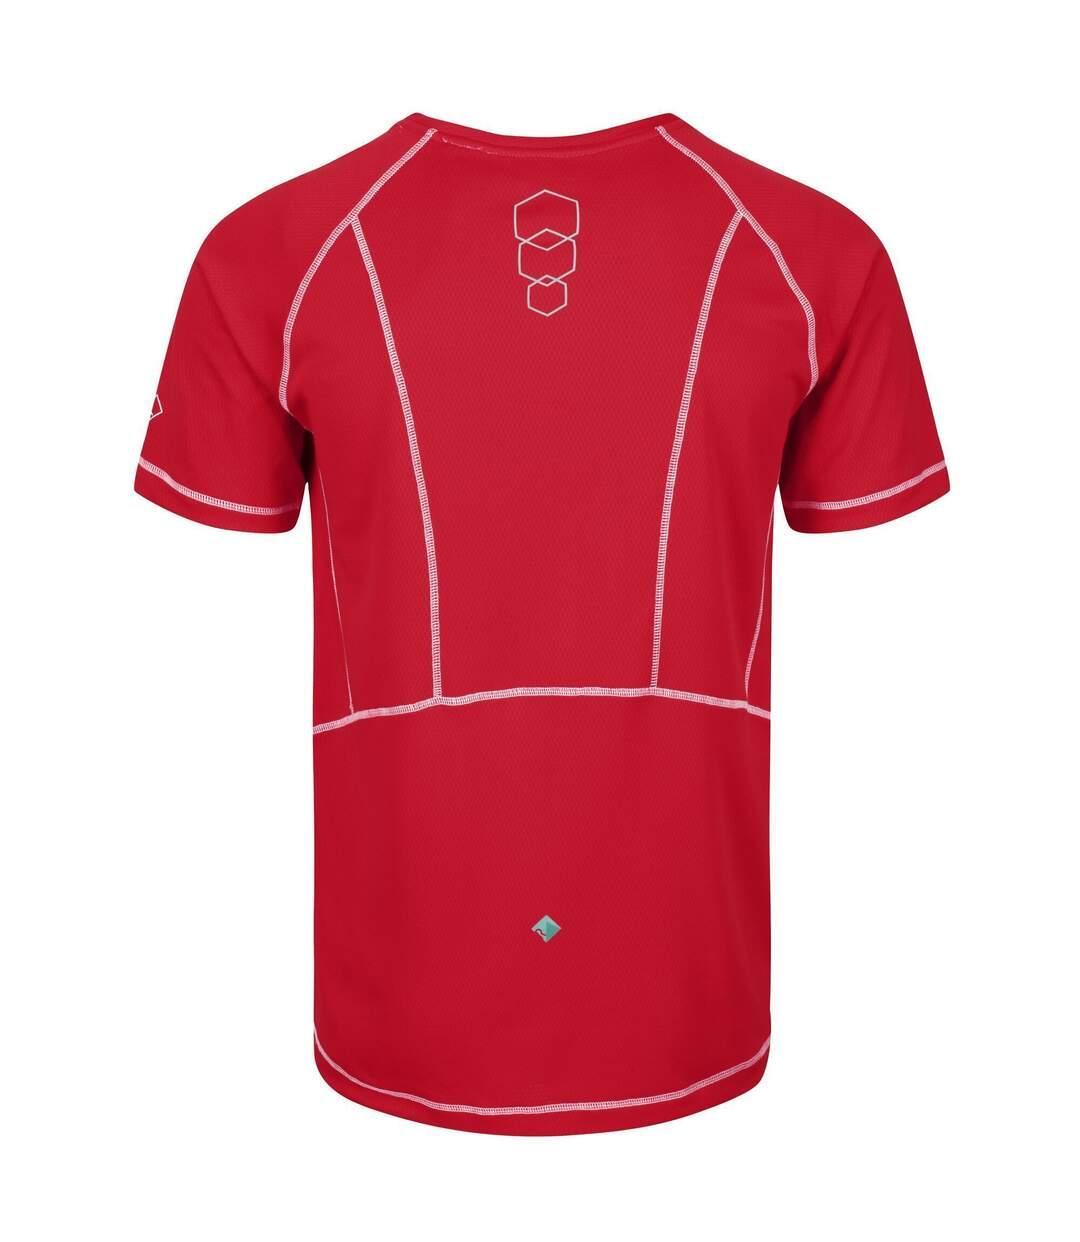 Regatta - T-shirt manches courtes VIRDA - Homme (Rouge) - UTRG3291